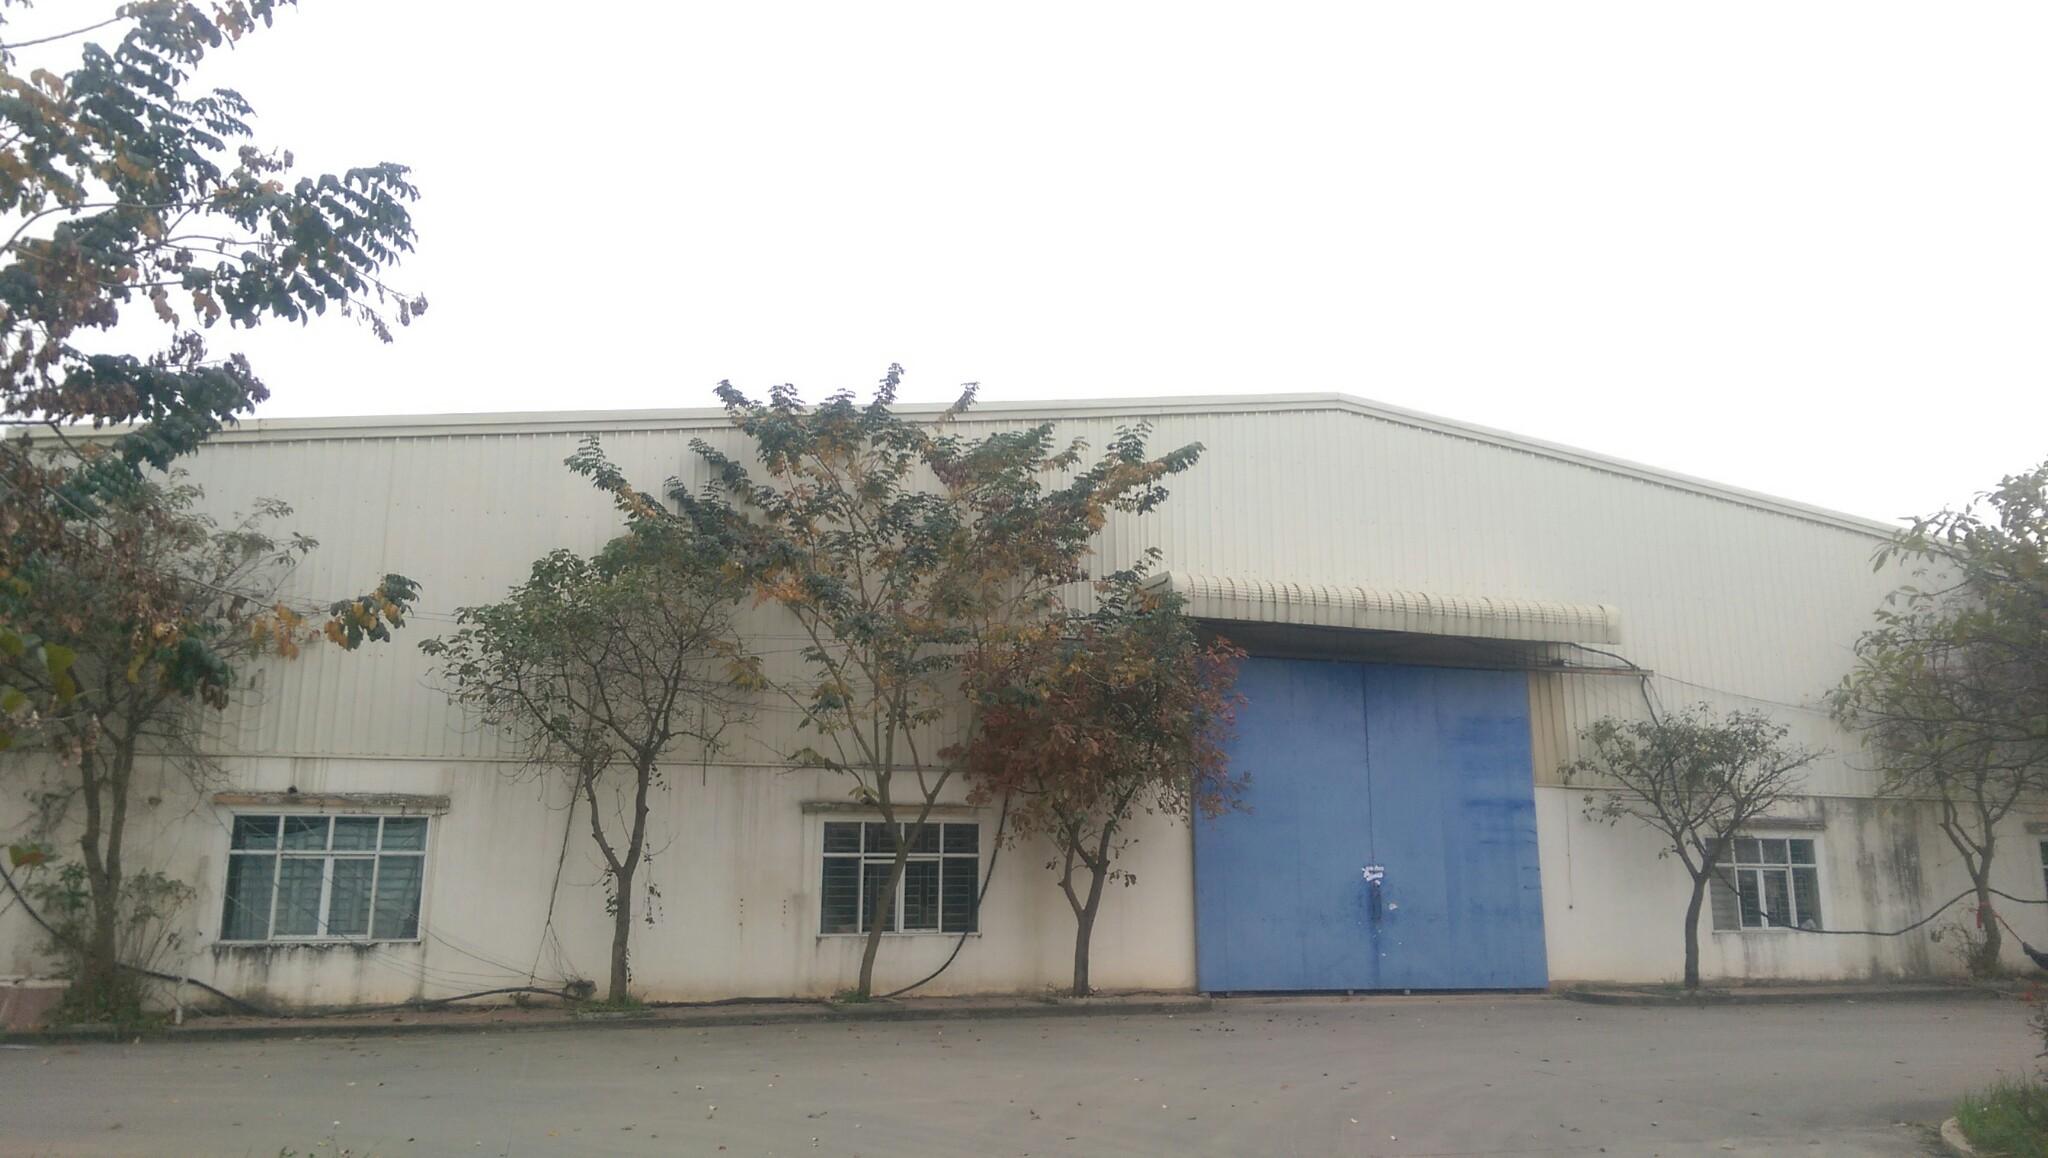 Cho thuê nhà xưởng tại huyện Bình Xuyên Vĩnh Phúc